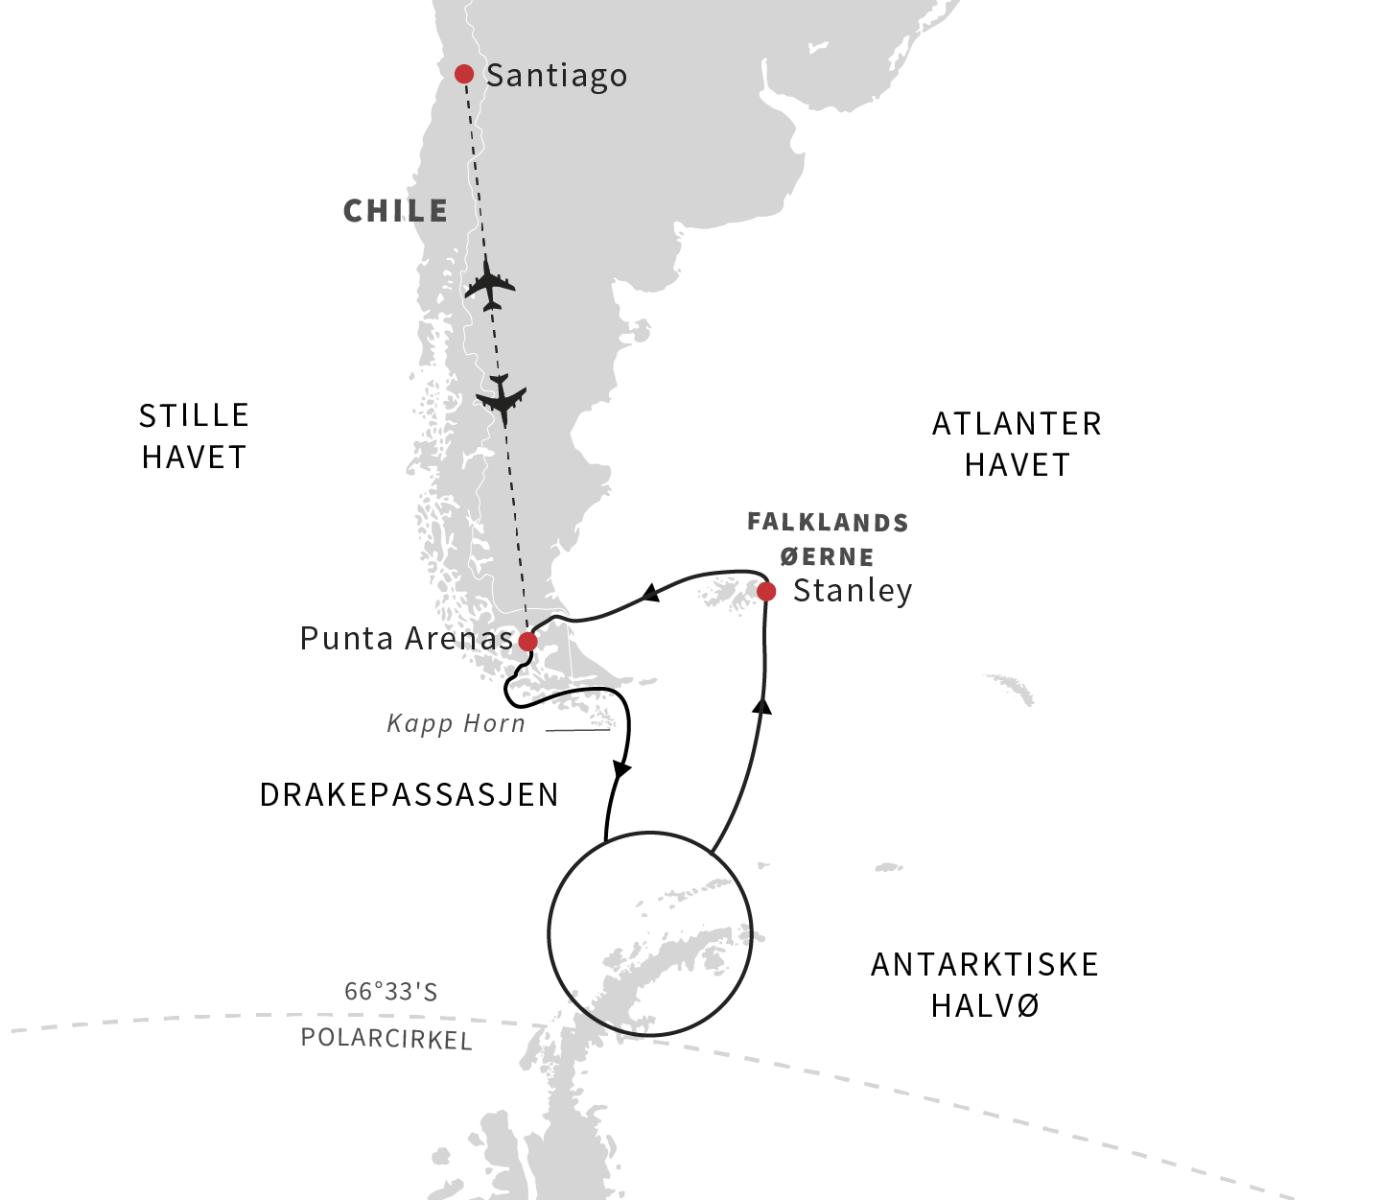 Falklandsøerne, Antarktis og chilenske fjorde med Hurtigruten - Ruby Rejser